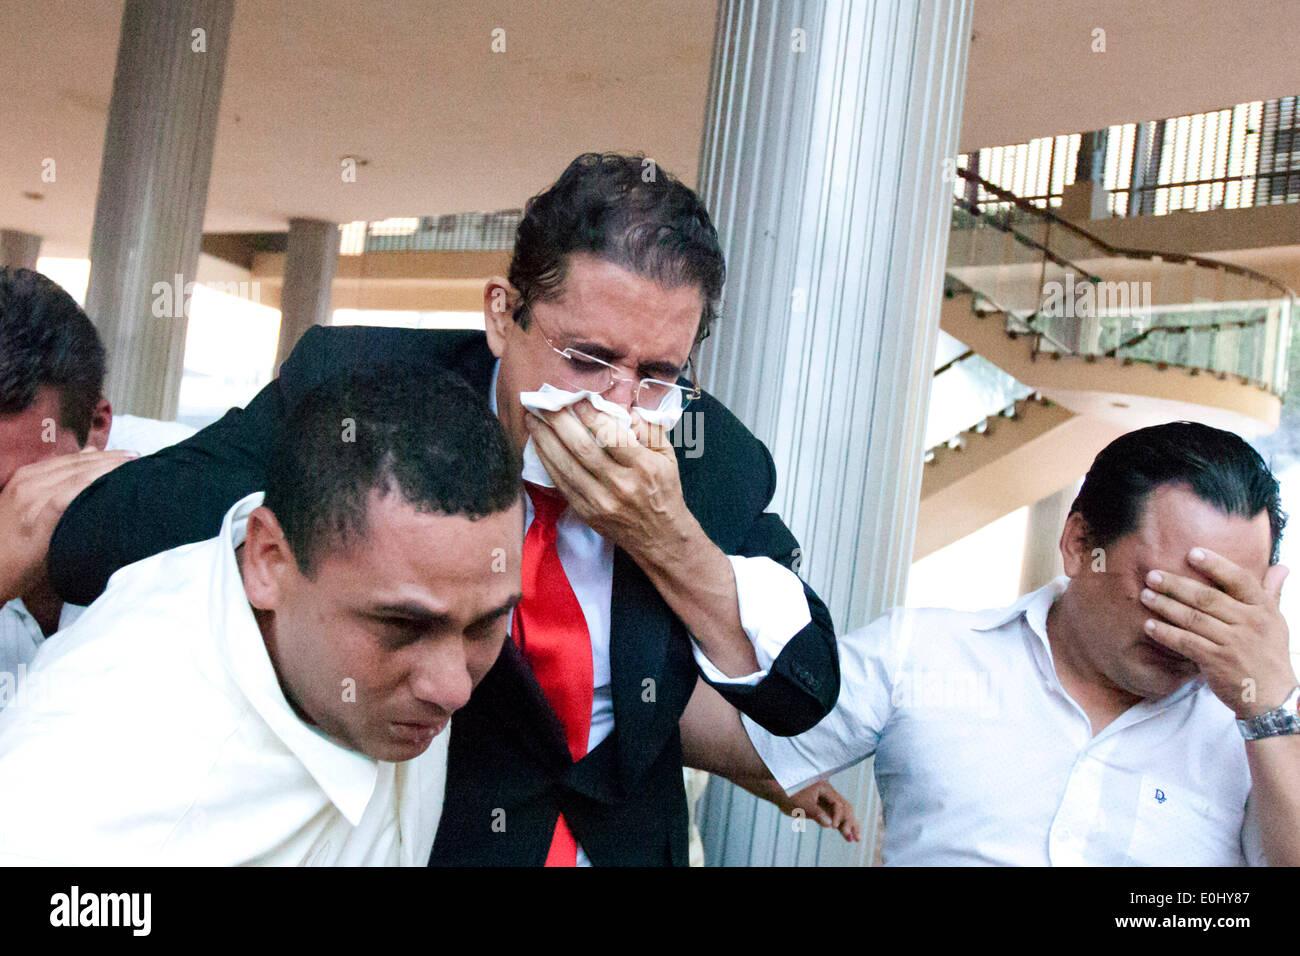 Tegucigalpa, Honduras. 13 mai, 2014. L'ex-Président du Honduras Manuel Zelaya (C) c'est son visage de gaz lacrymogène après avoir été évacuée avec ses partisans du Congrès national, à Tegucigalpa, Honduras, le 13 mai 2014. Partisans et des députés du Parti de la refondation et de la Liberté (Libre, pour son sigle en espagnol), la seconde force politique au Honduras, a éclaté dans le Congrès national le mardi, après des affrontements avec des éléments de la police qui gardait le Palais législatif. Credit: Rafael Ochoa/Xinhua/Alamy Live News Banque D'Images